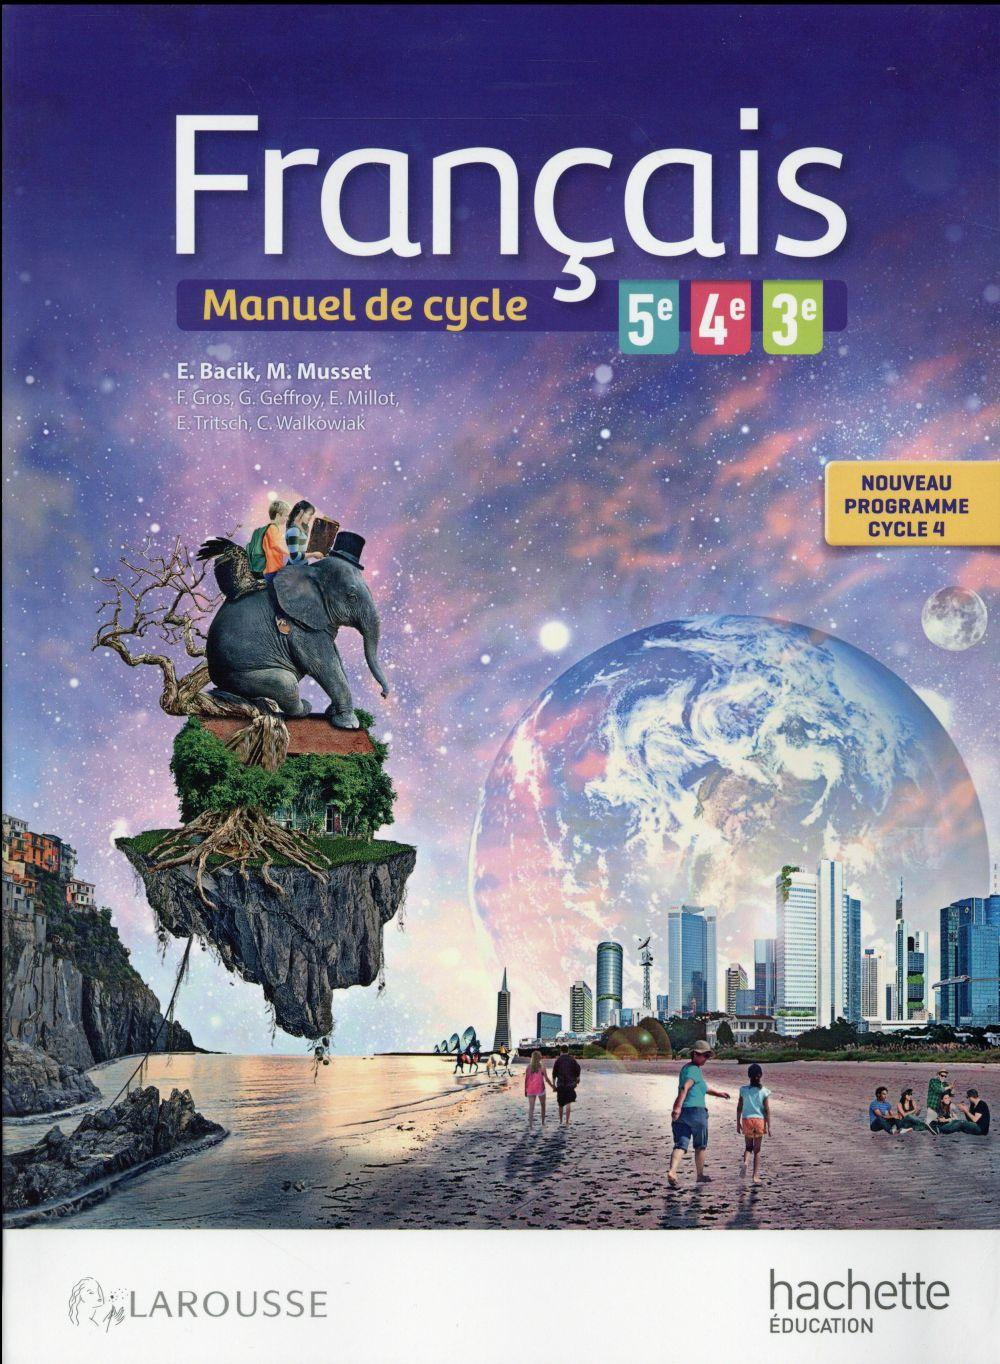 Francais 5eme 4eme 3eme Livre De L Eleve